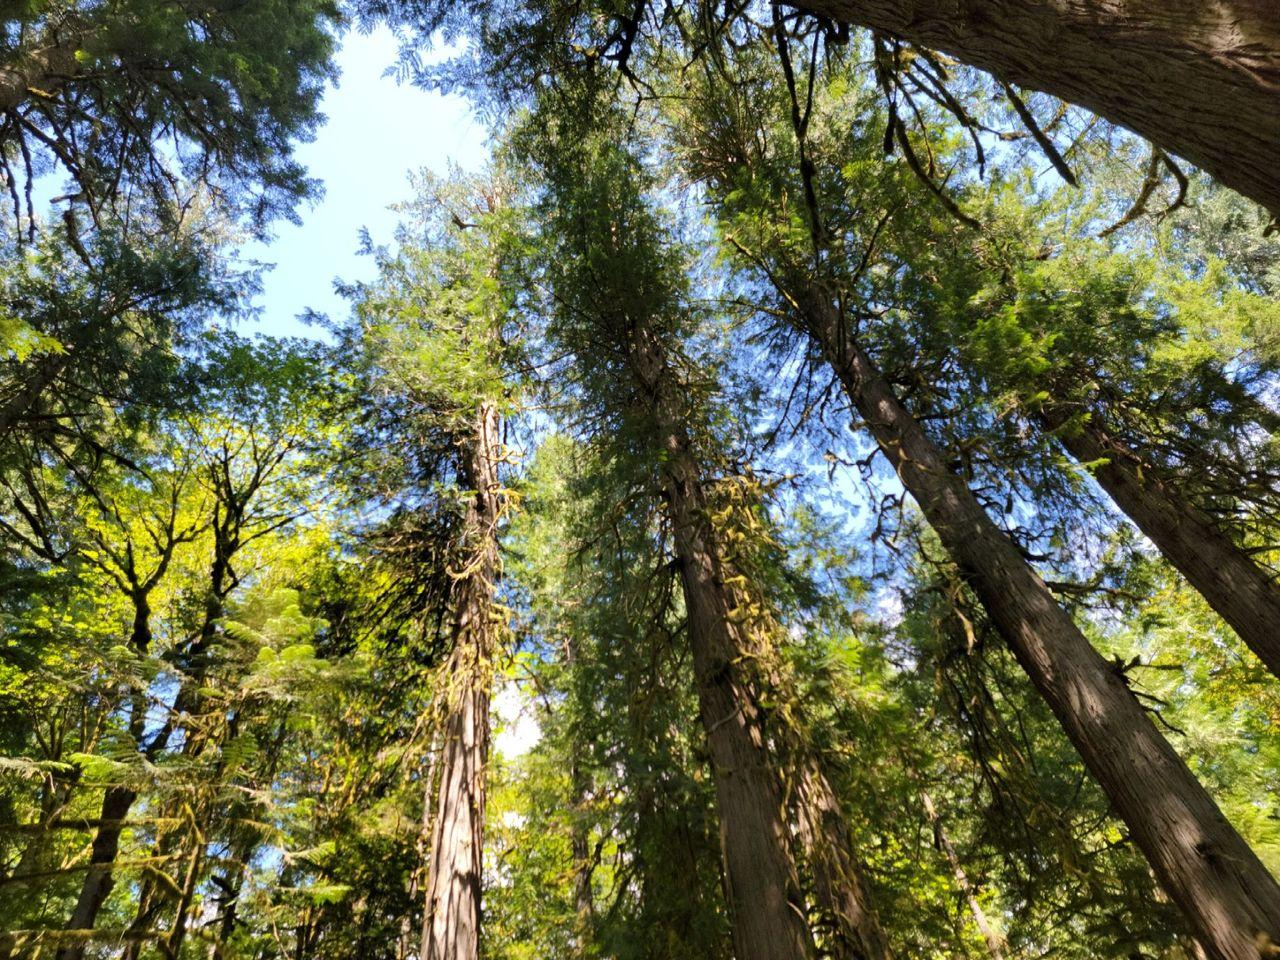 trees looking up.jpg